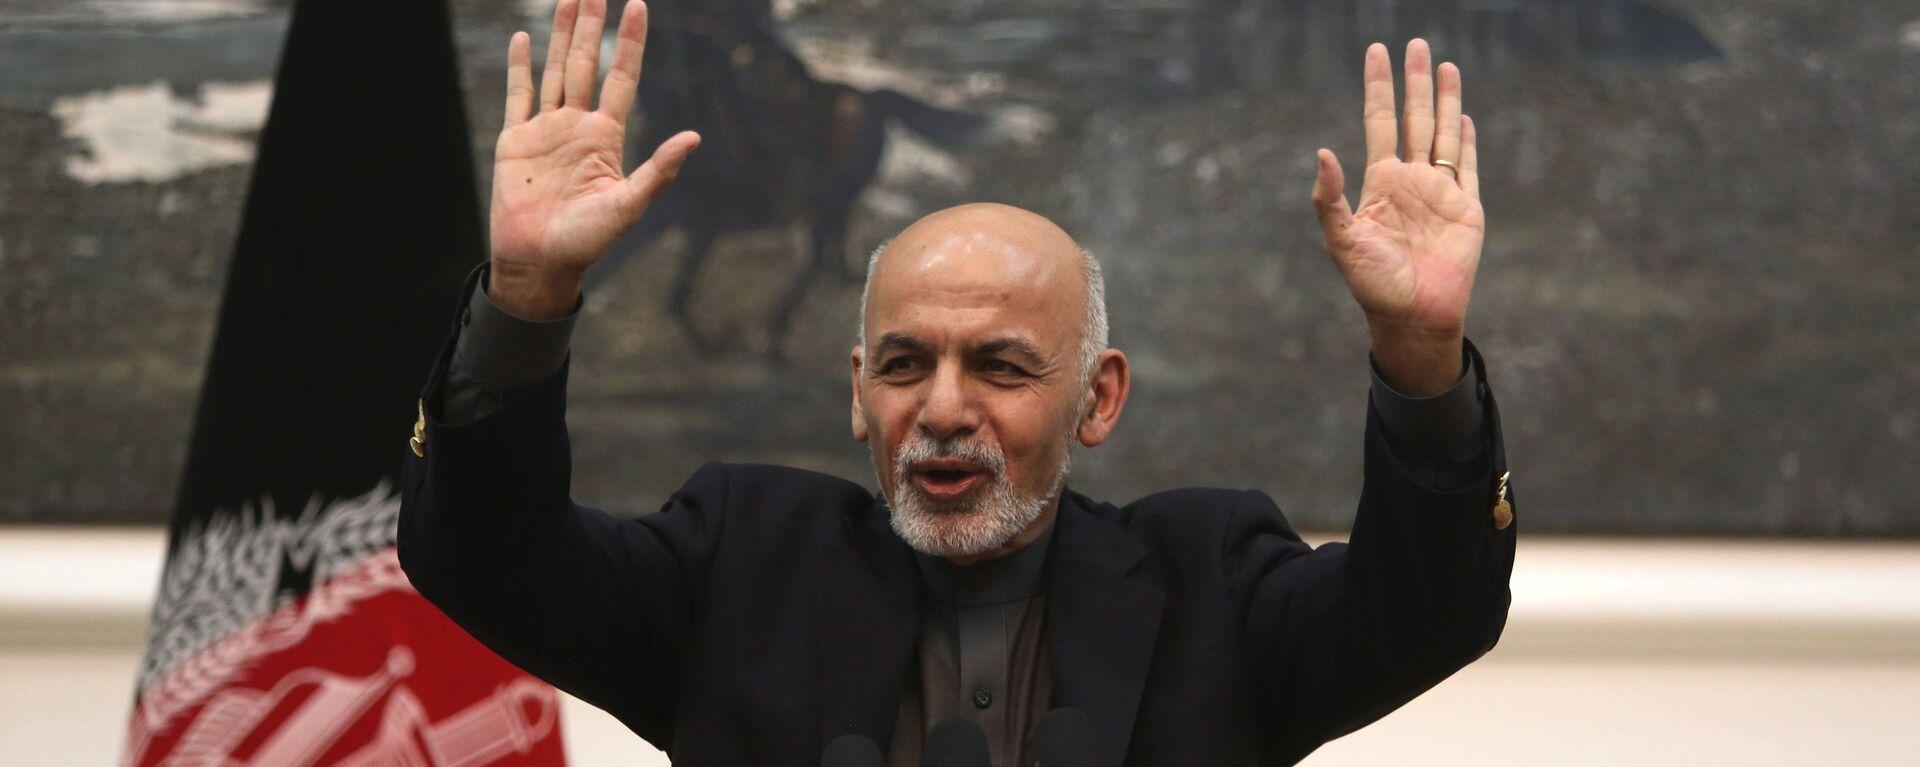 Ashraf Ghani, il presidente dell'Afghanistan - Sputnik Italia, 1920, 15.08.2021